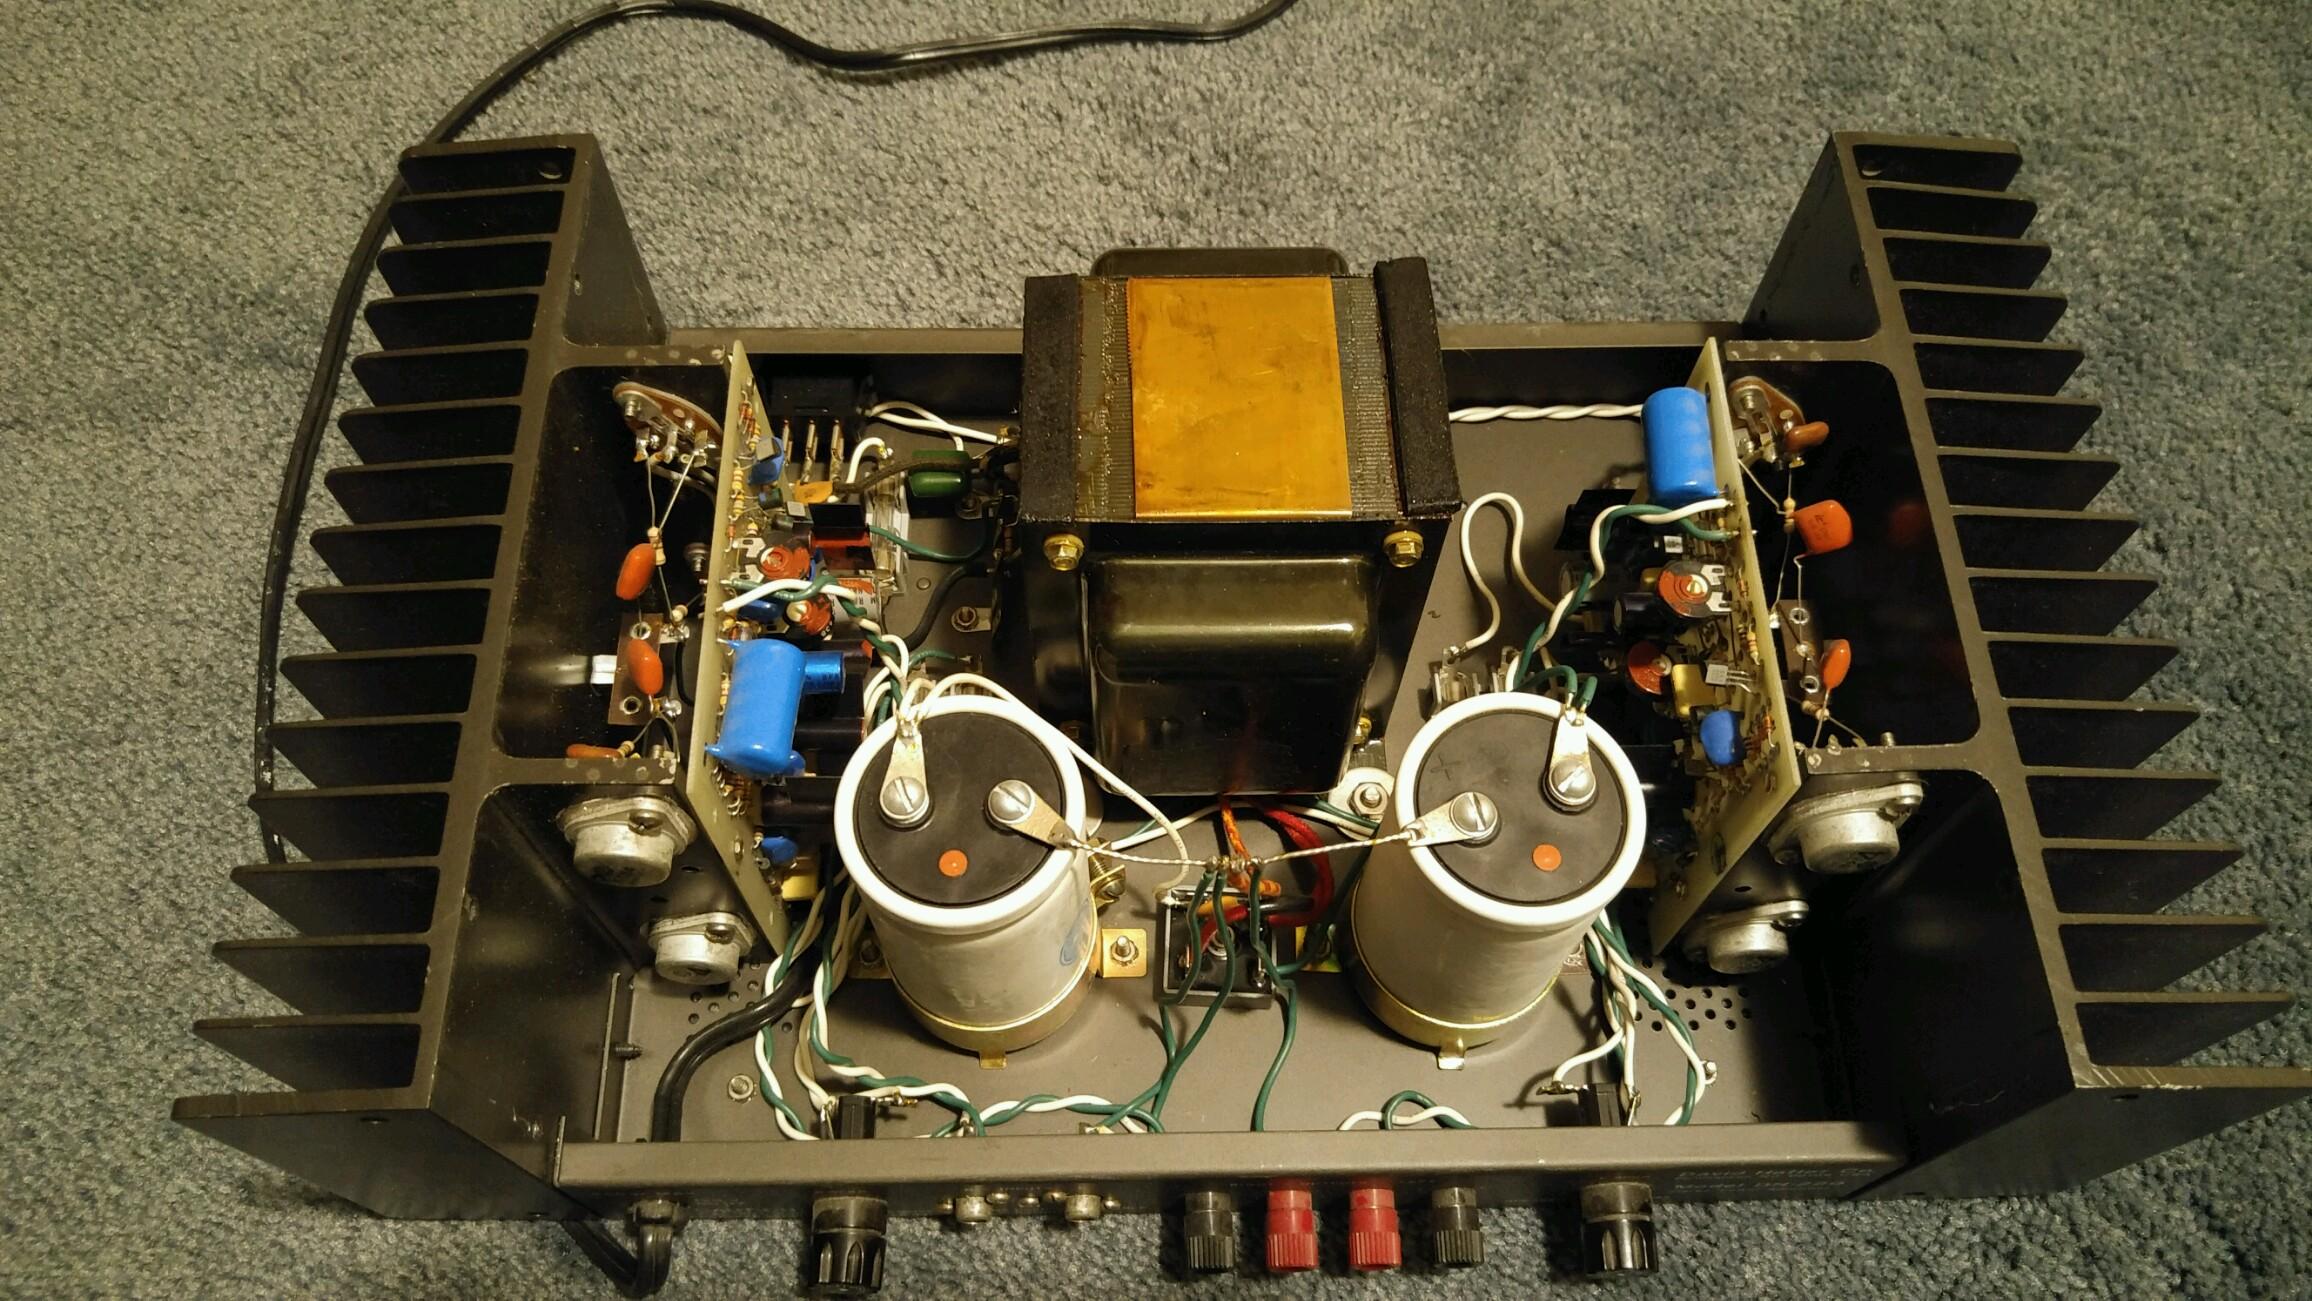 Hafler Dh 220 Rebuild Audio Science Review Asr Forum